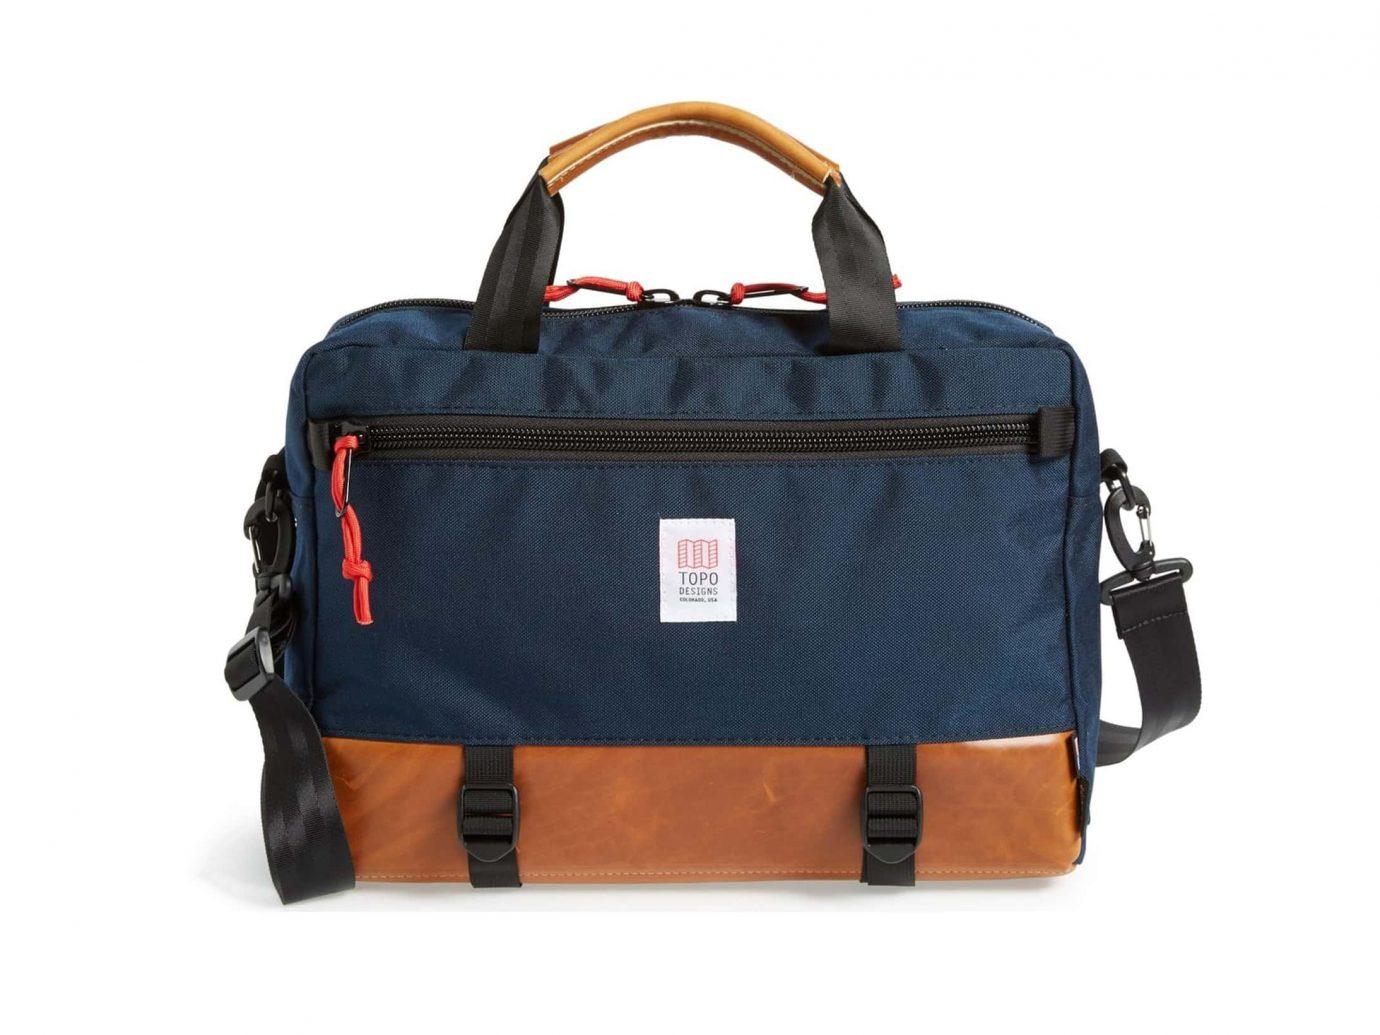 Topo Designs 'Commuter' Briefcase